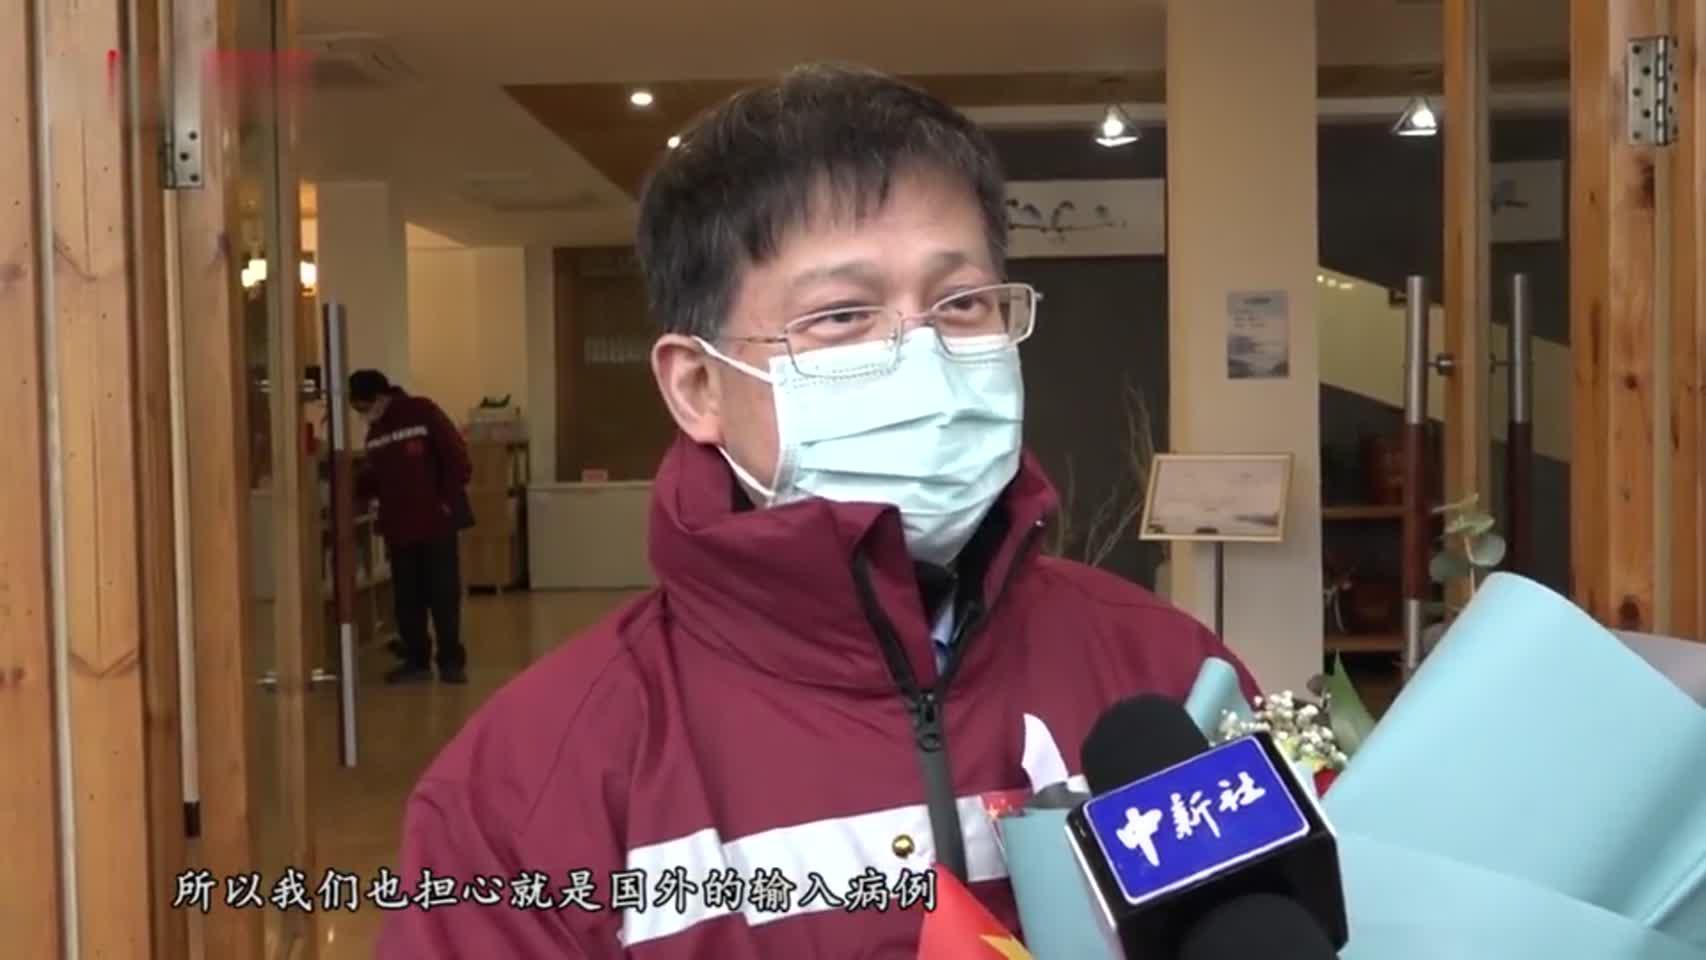 中国援意医疗专家组组长:当地医务人员非常信任中国做法